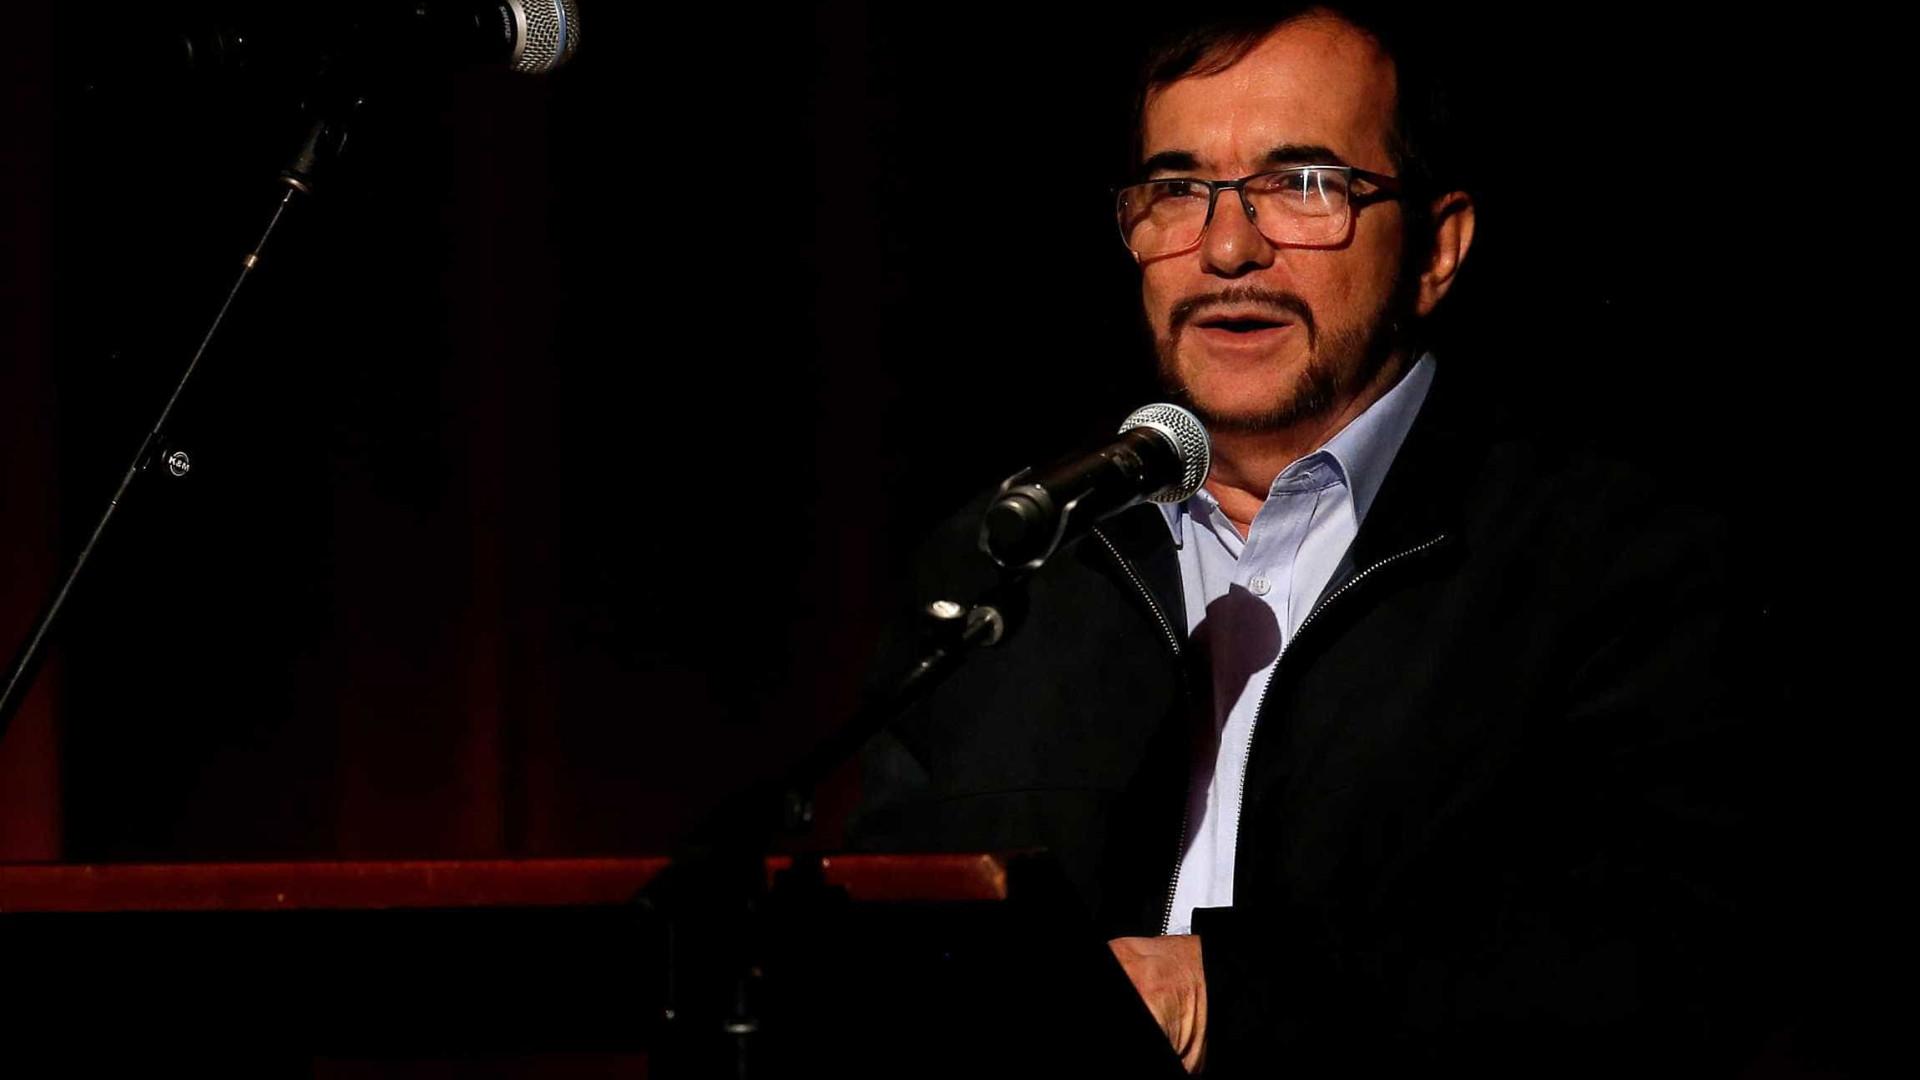 Líder das Farc desiste de candidatura presidencial da Colômbia